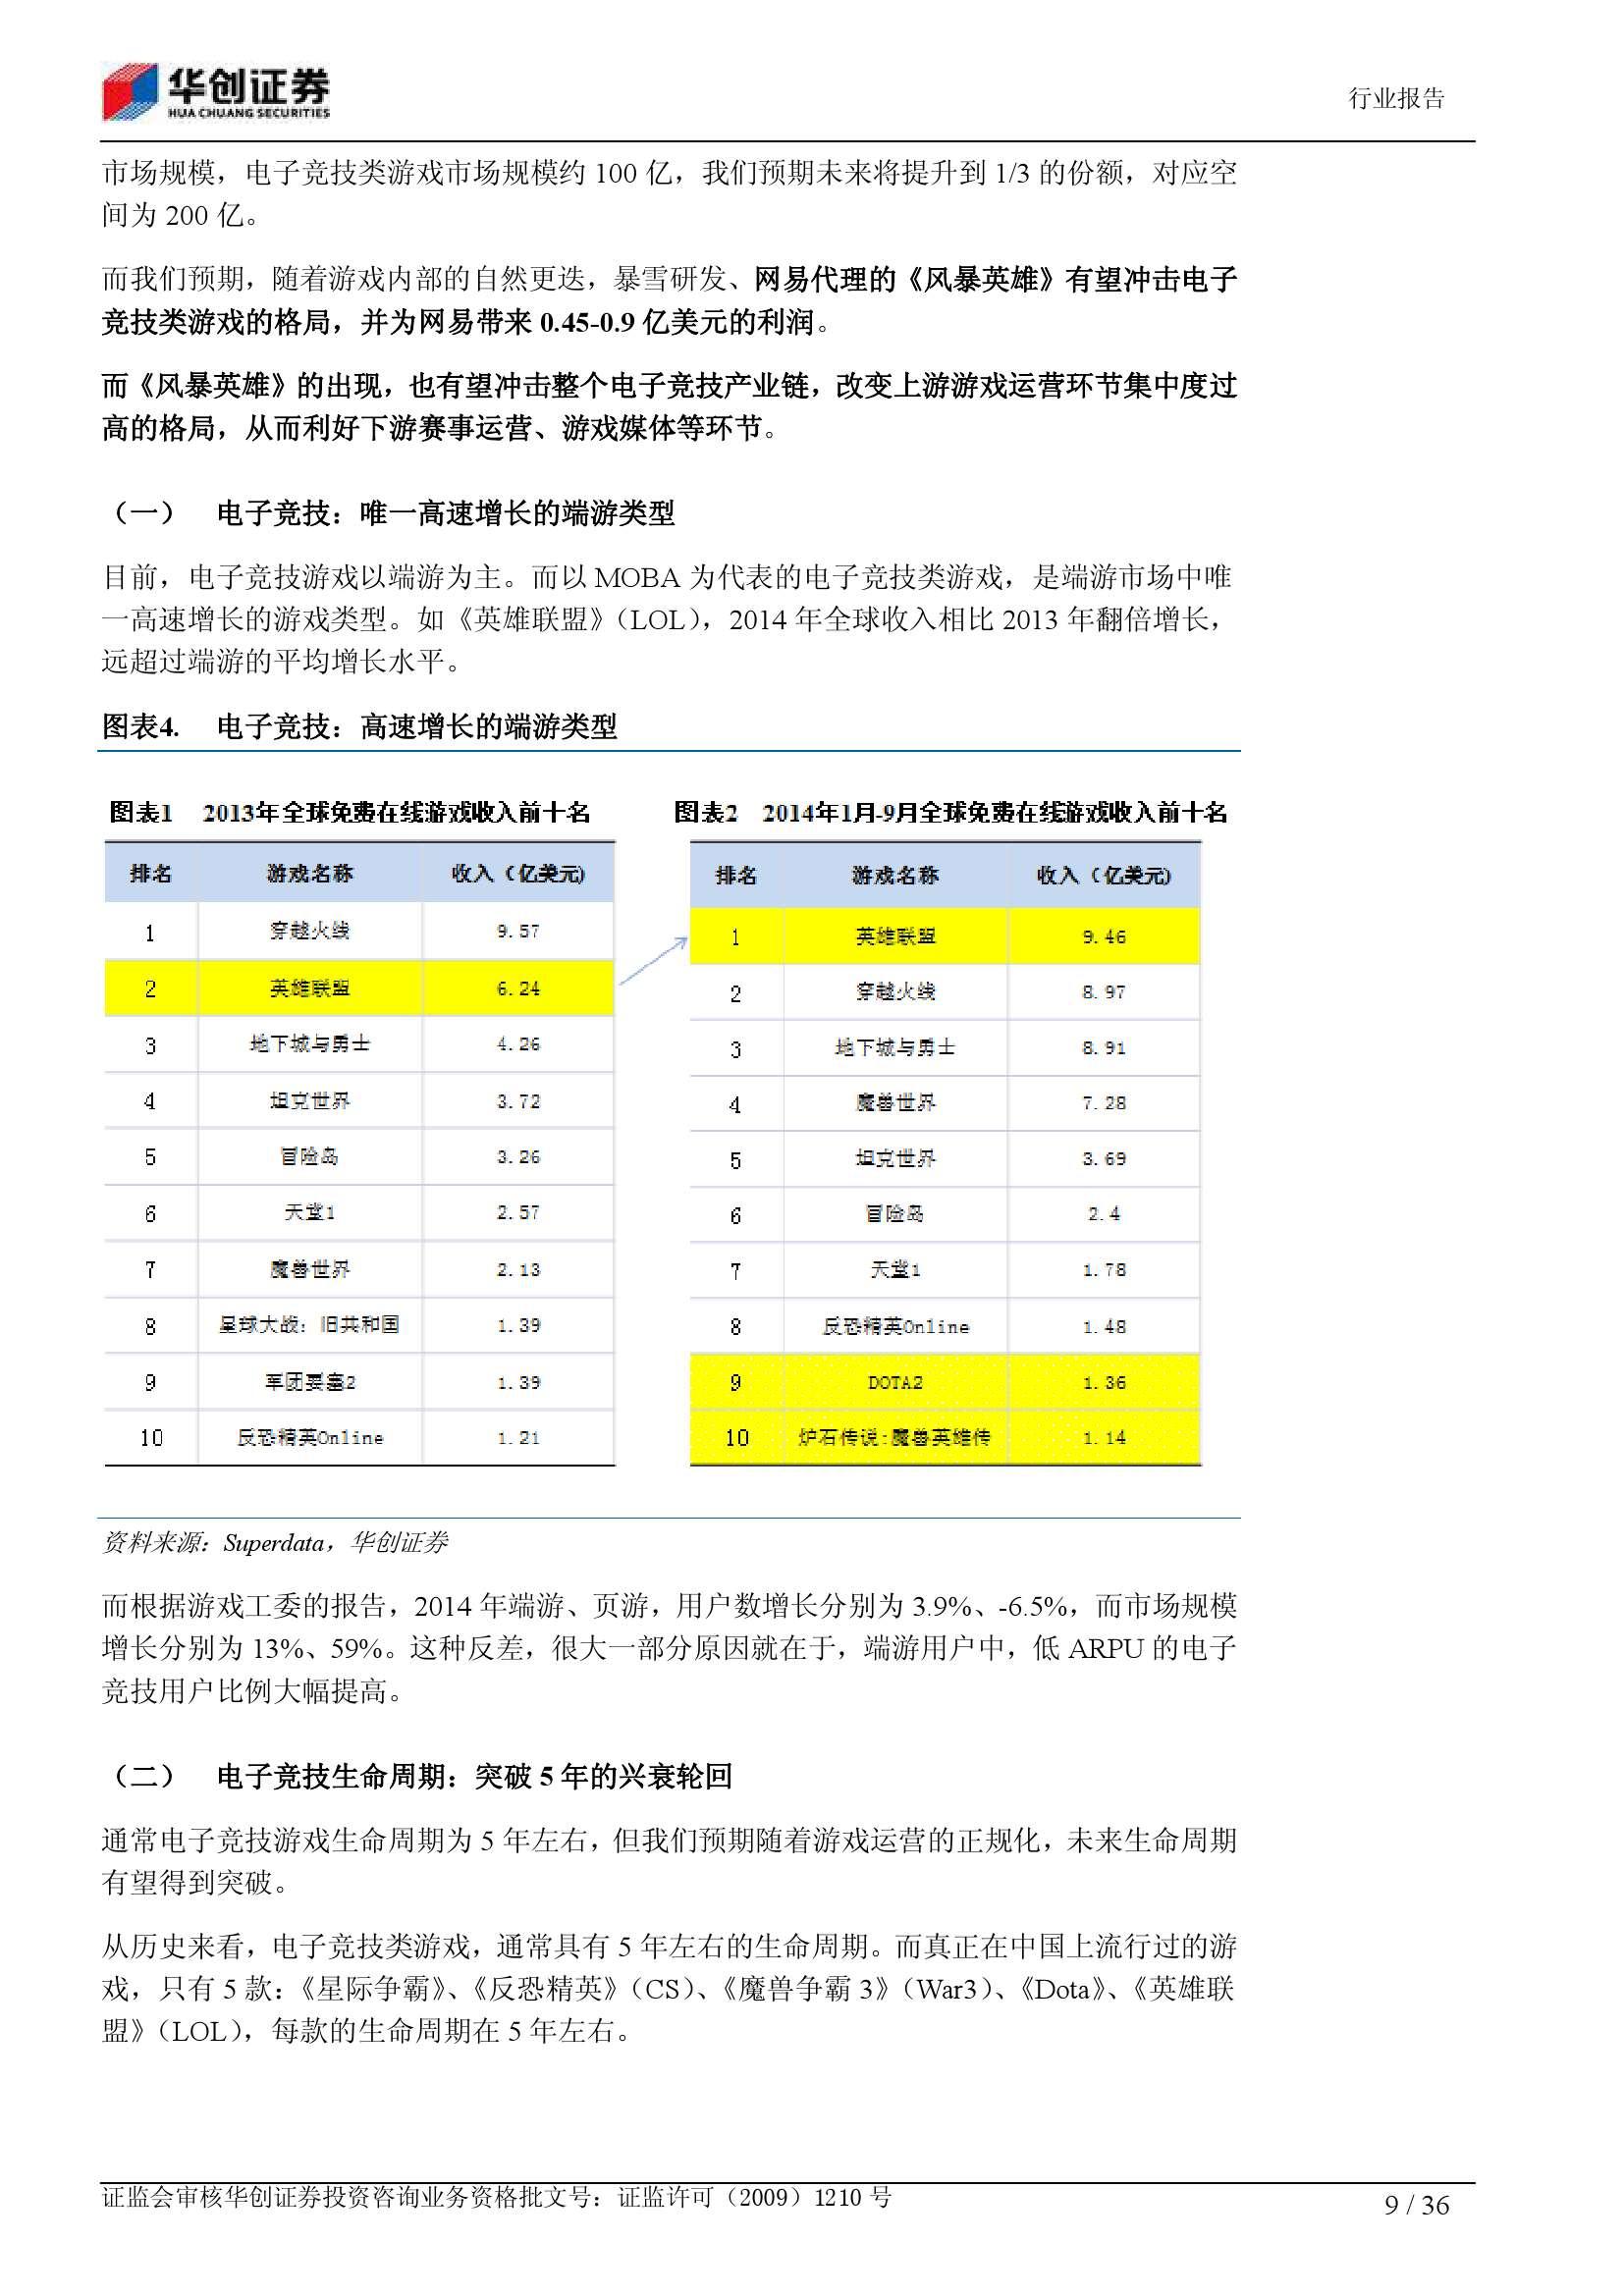 电子竞技深度报告:从小众娱乐 到千亿产业_000009